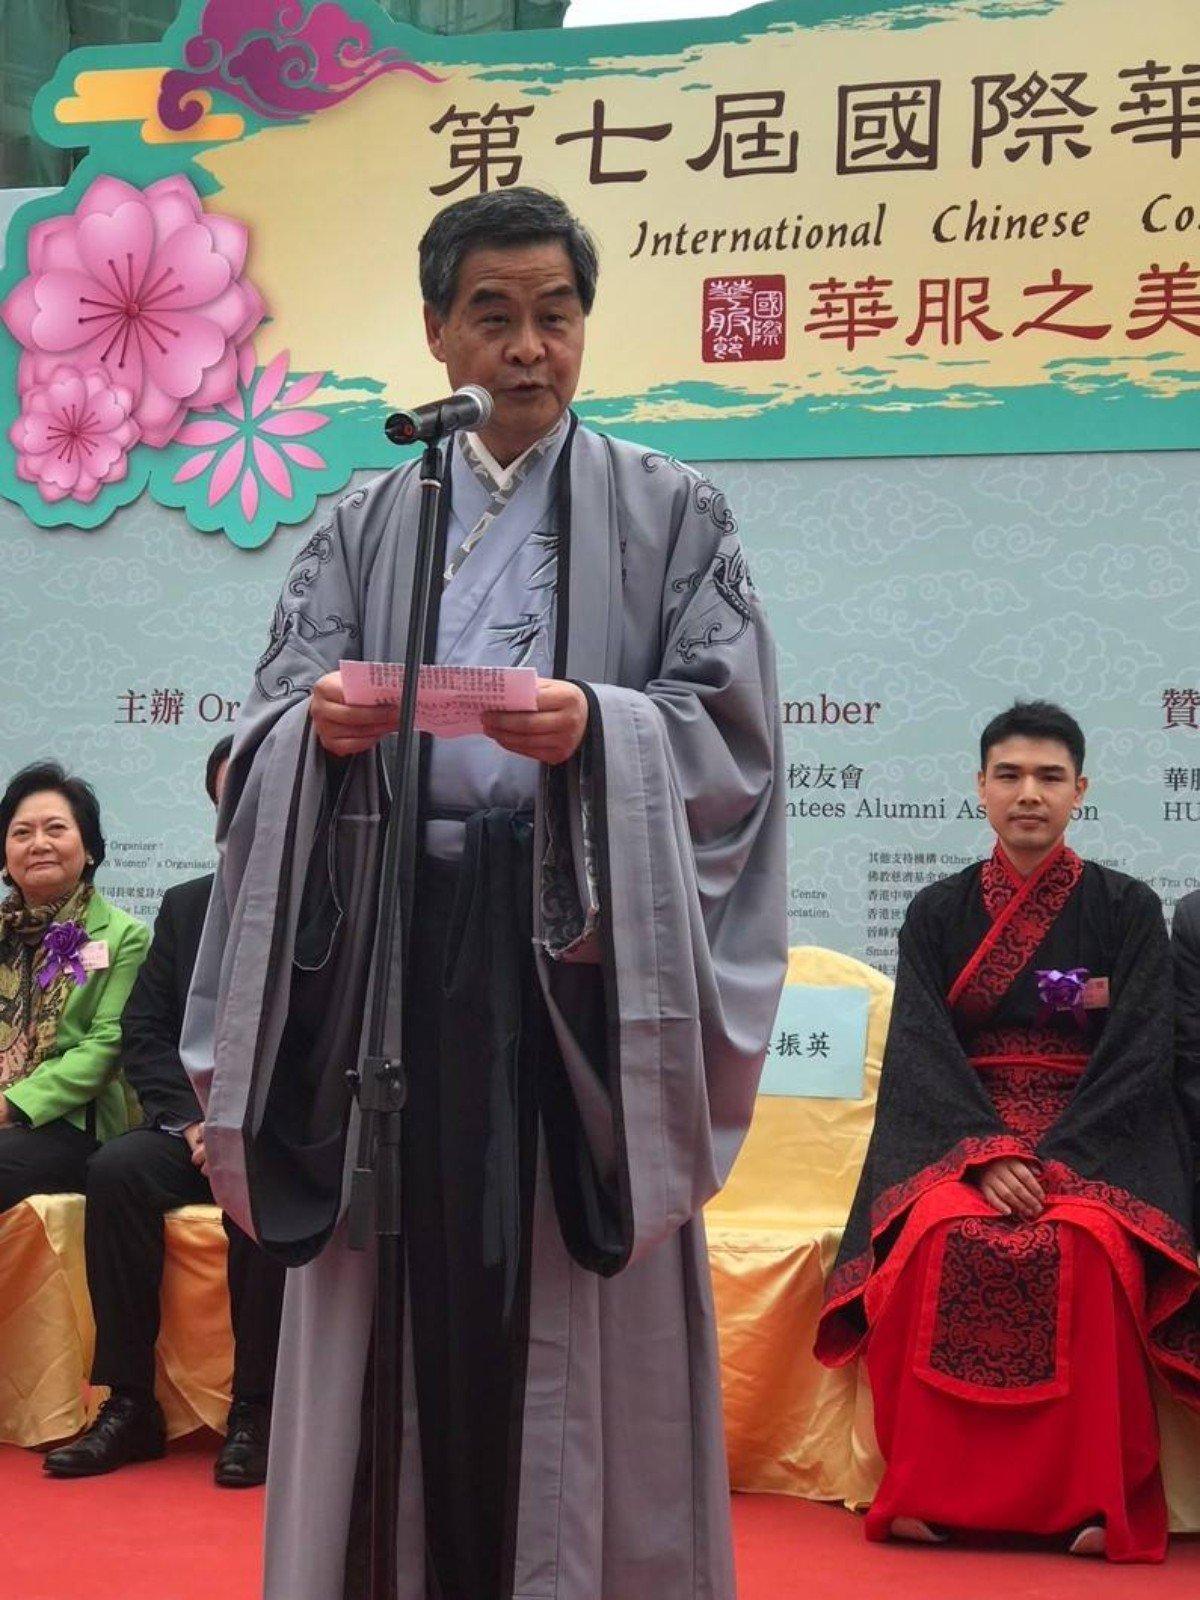 梁振英着汉服参加夫子庙会开启仪式 鼓励更多人能穿着传统服饰